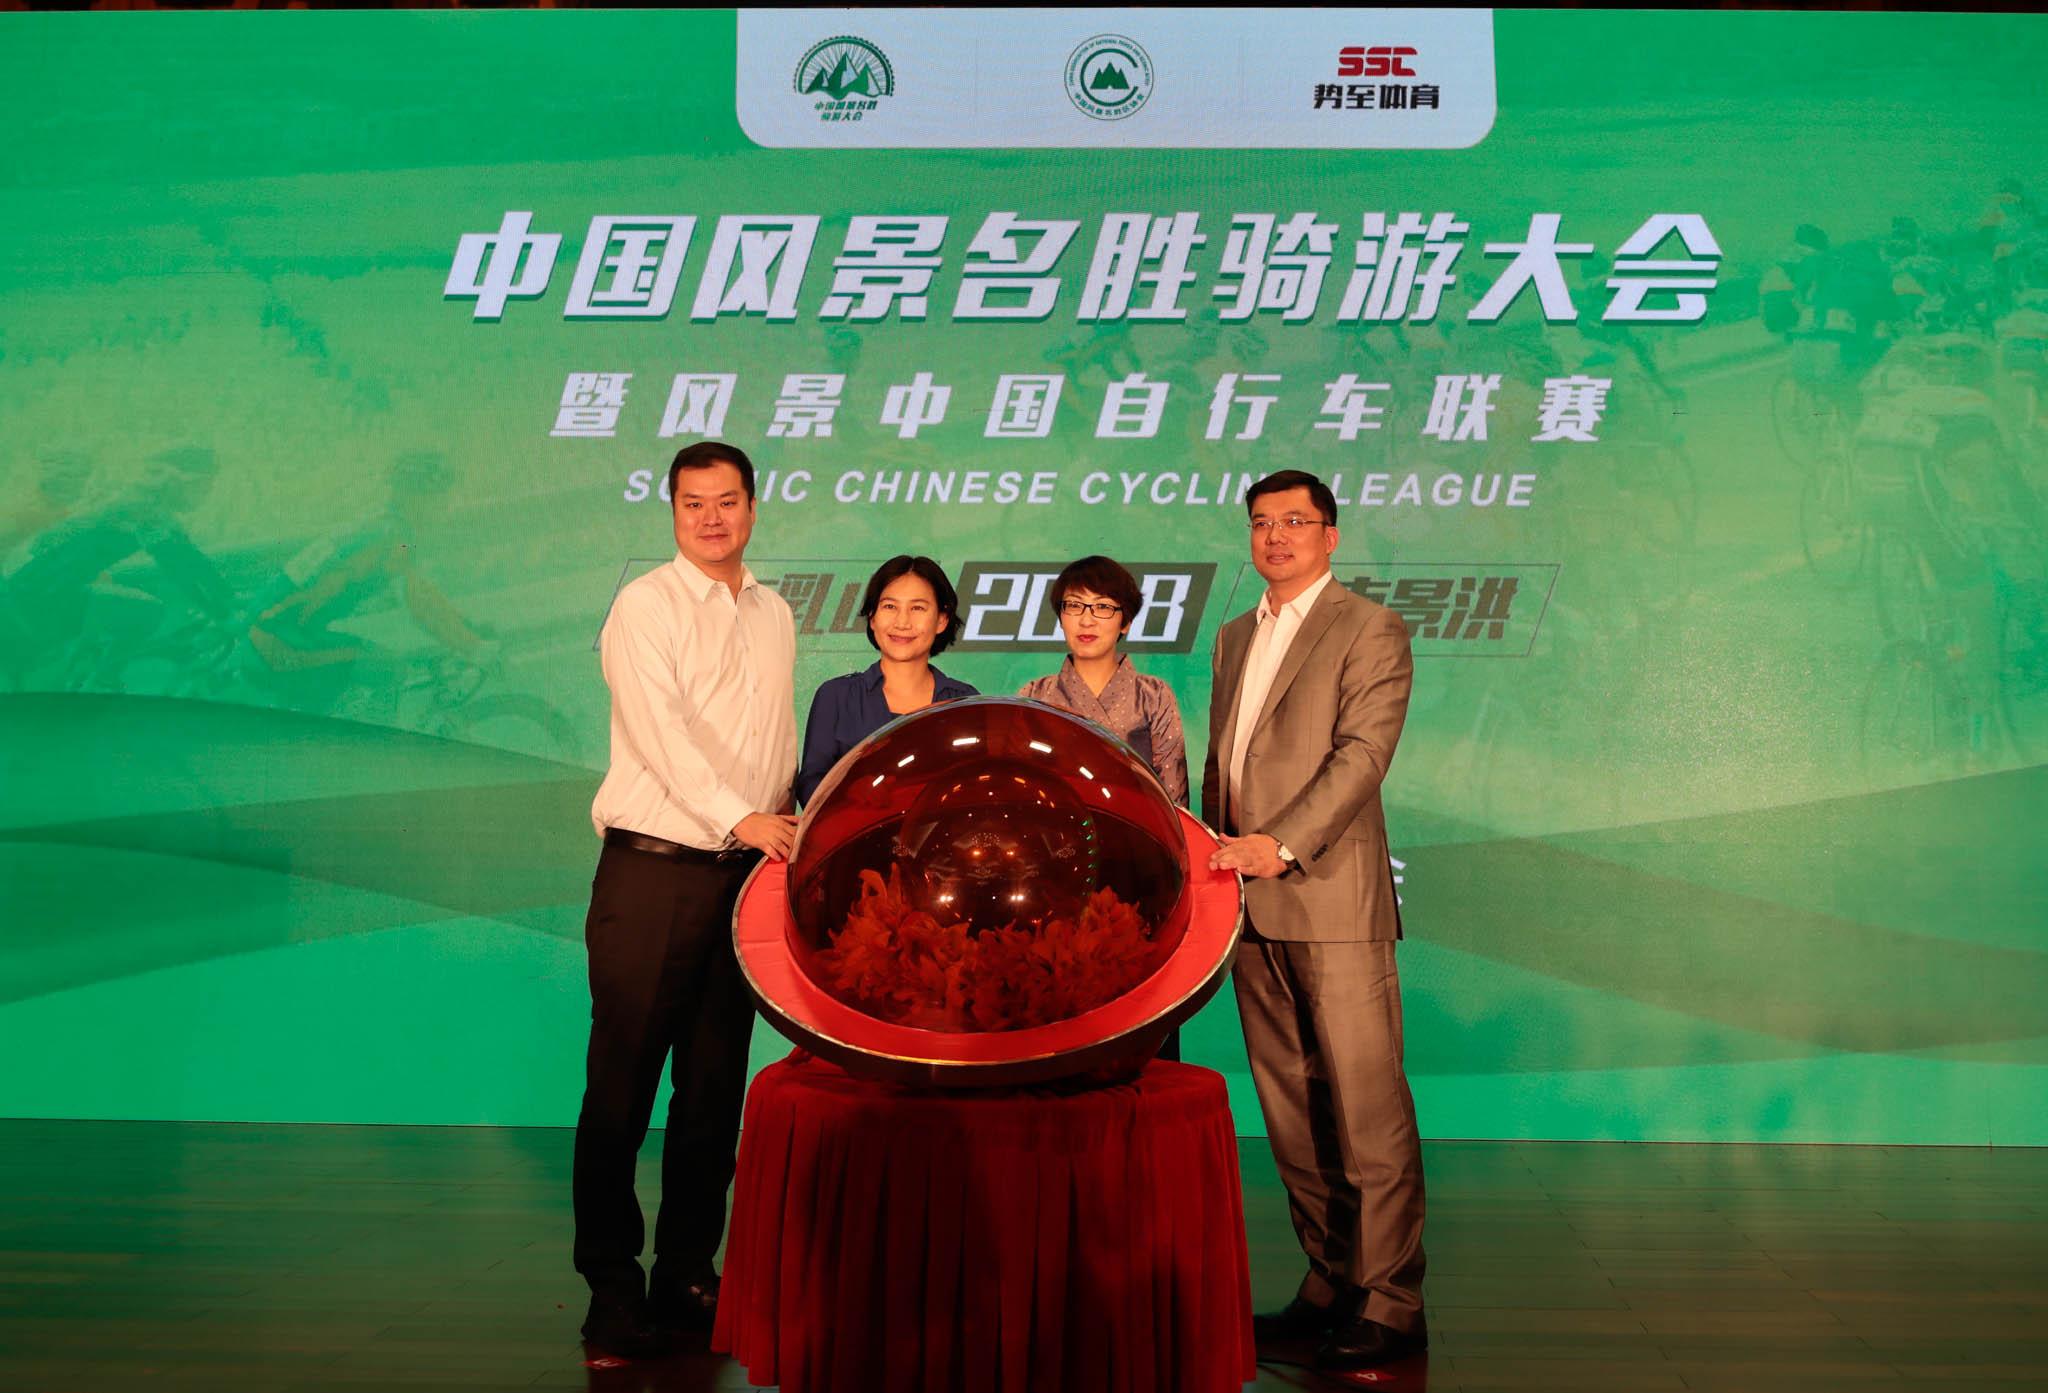 中国风景名胜骑游大会暨风景中国自行车联赛盛大开启